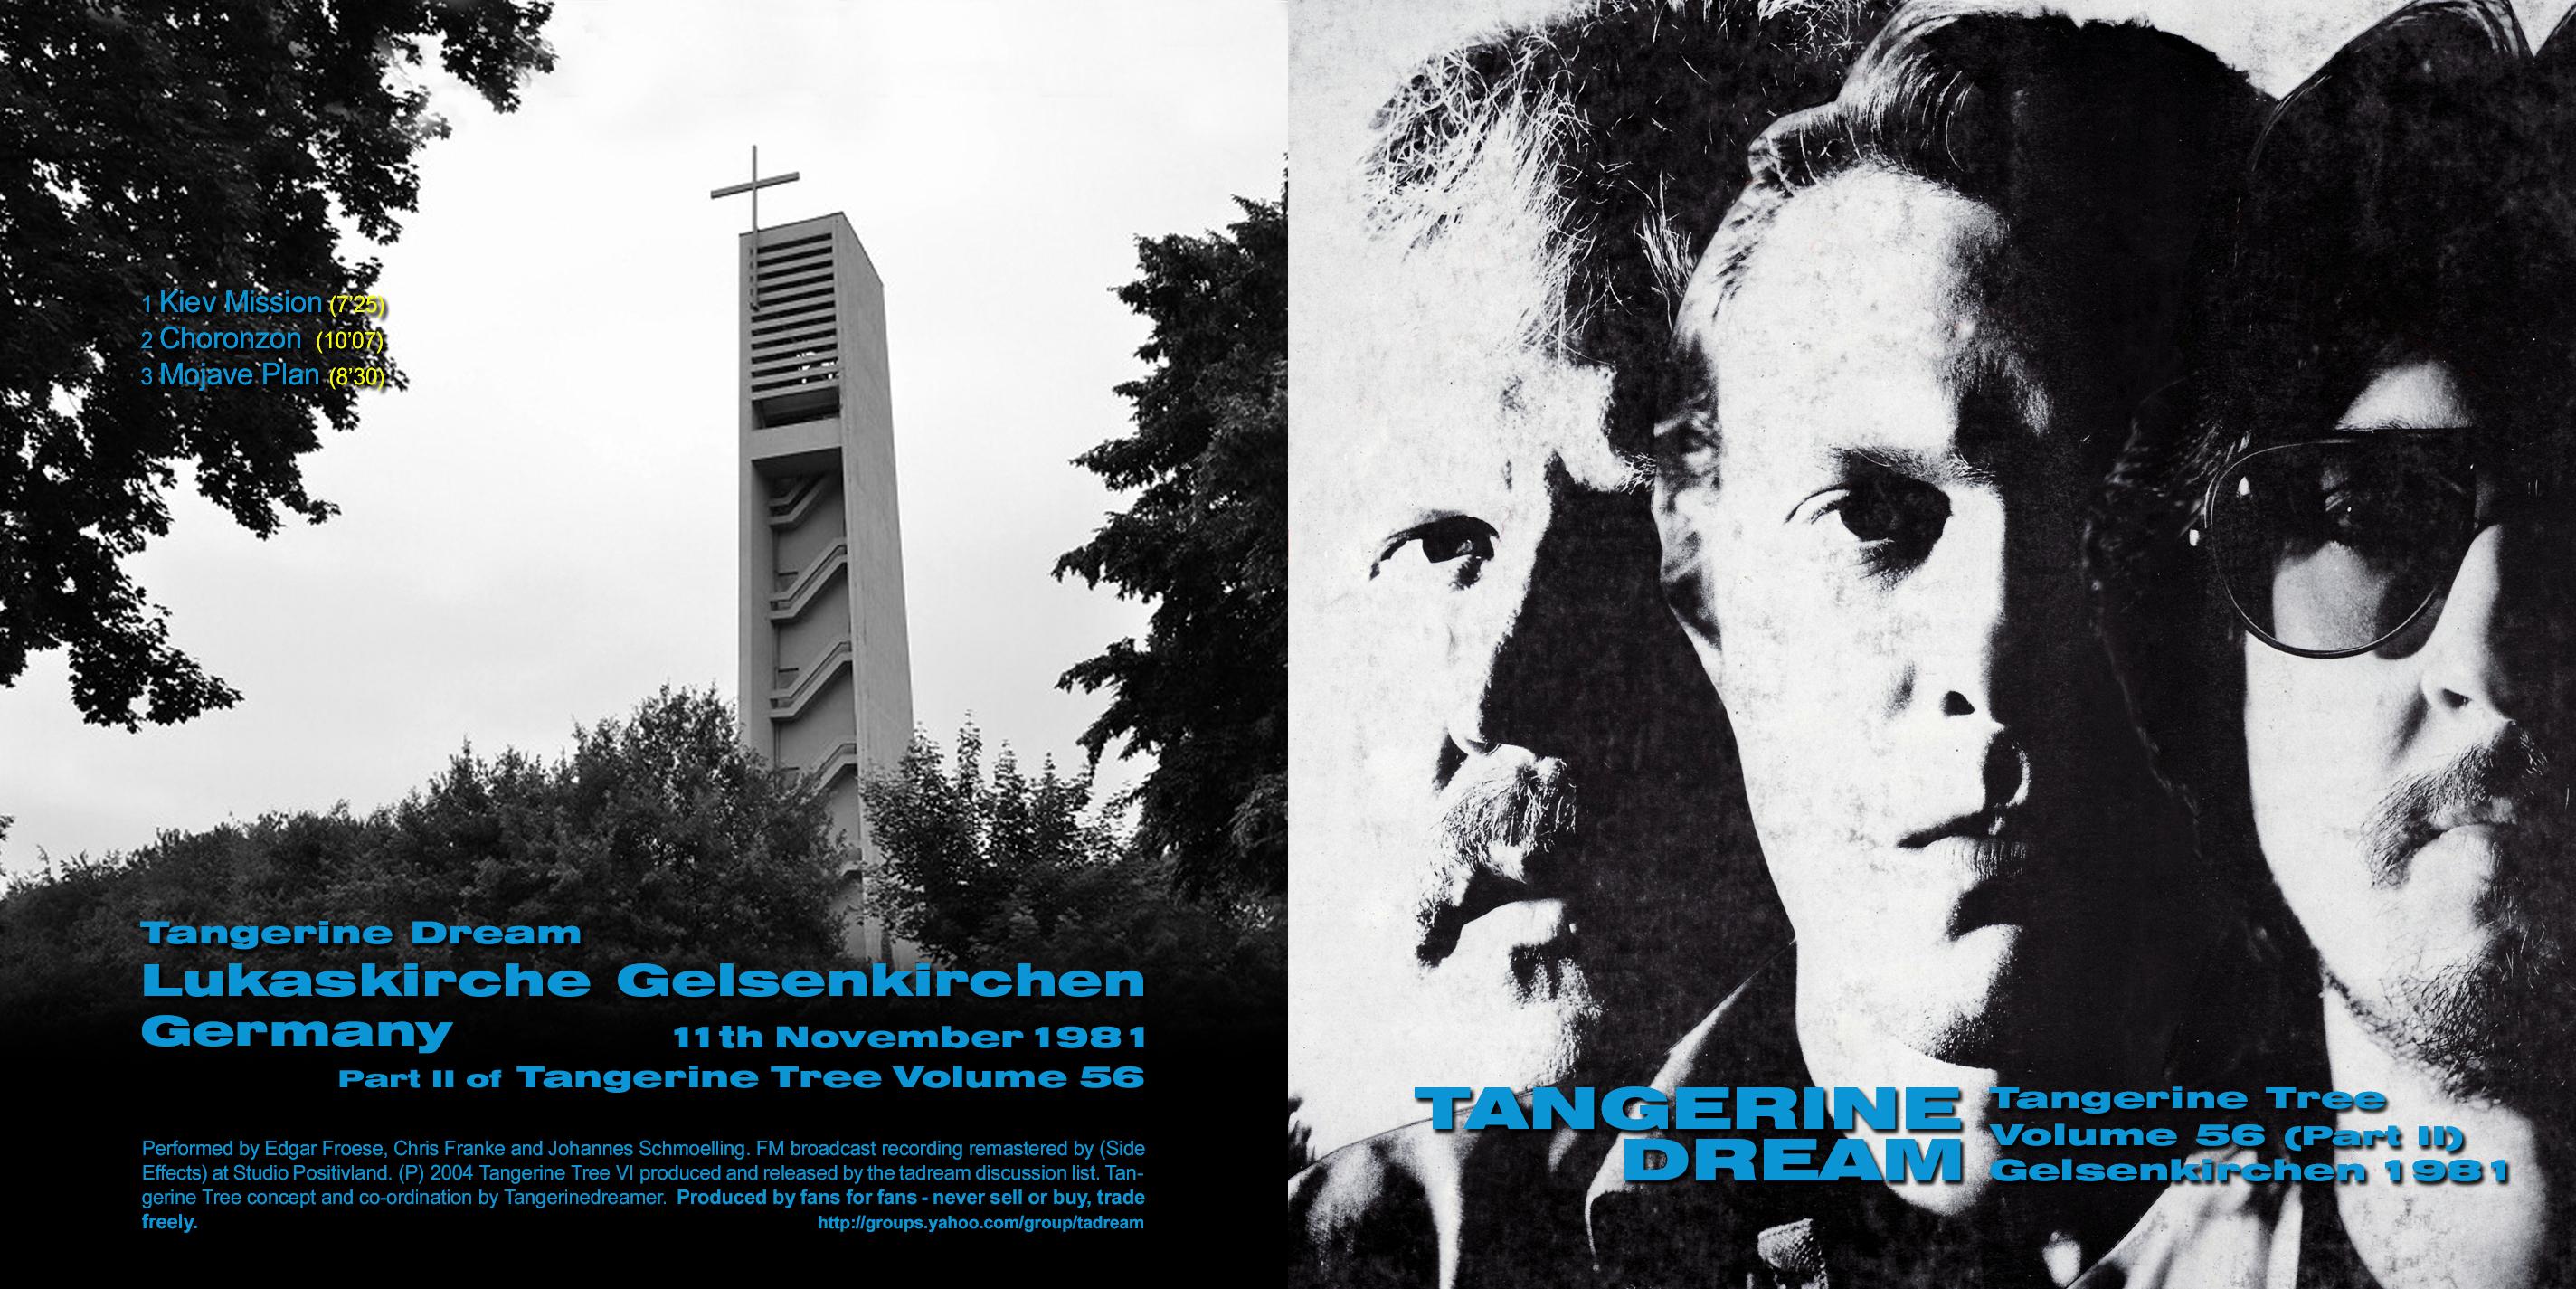 TangerineDream1981-11-11LukaskircheGelsenkirchenGermany.jpg